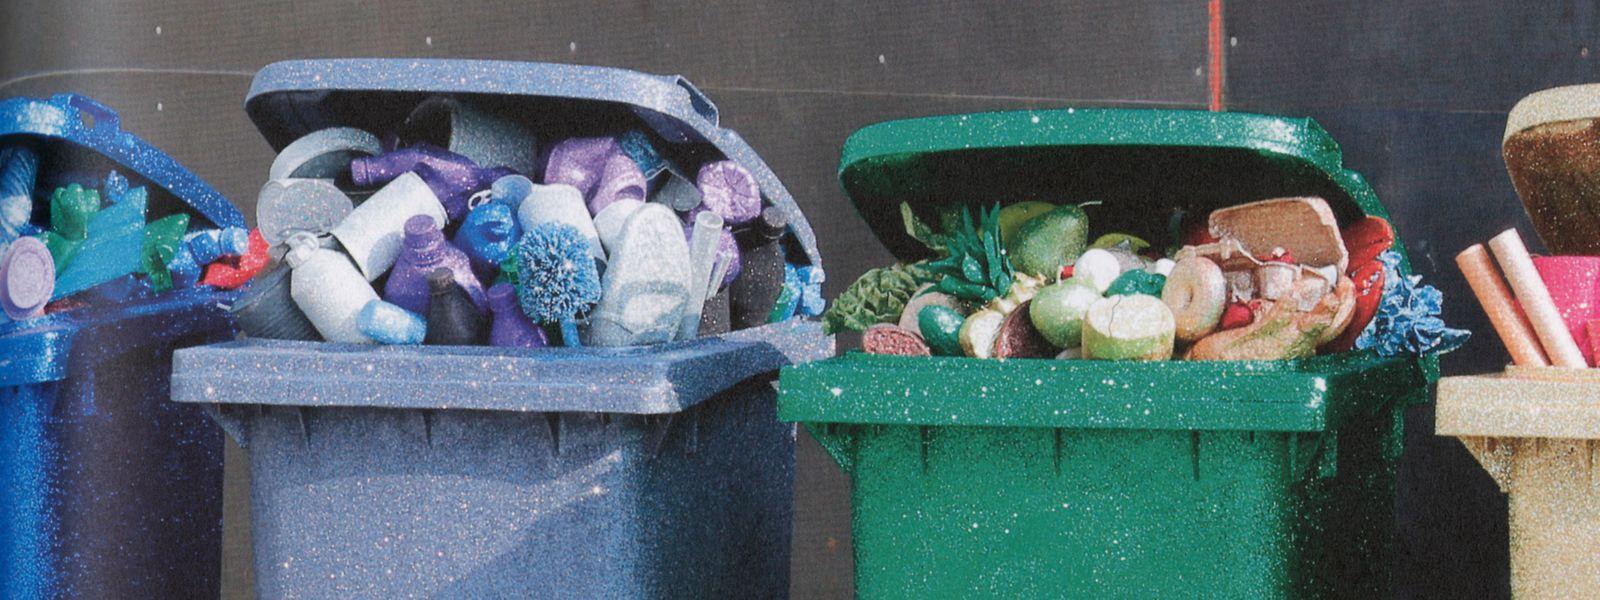 Chaque Luxembourgeois produit de l'ordre de 193 kg de déchets par an.